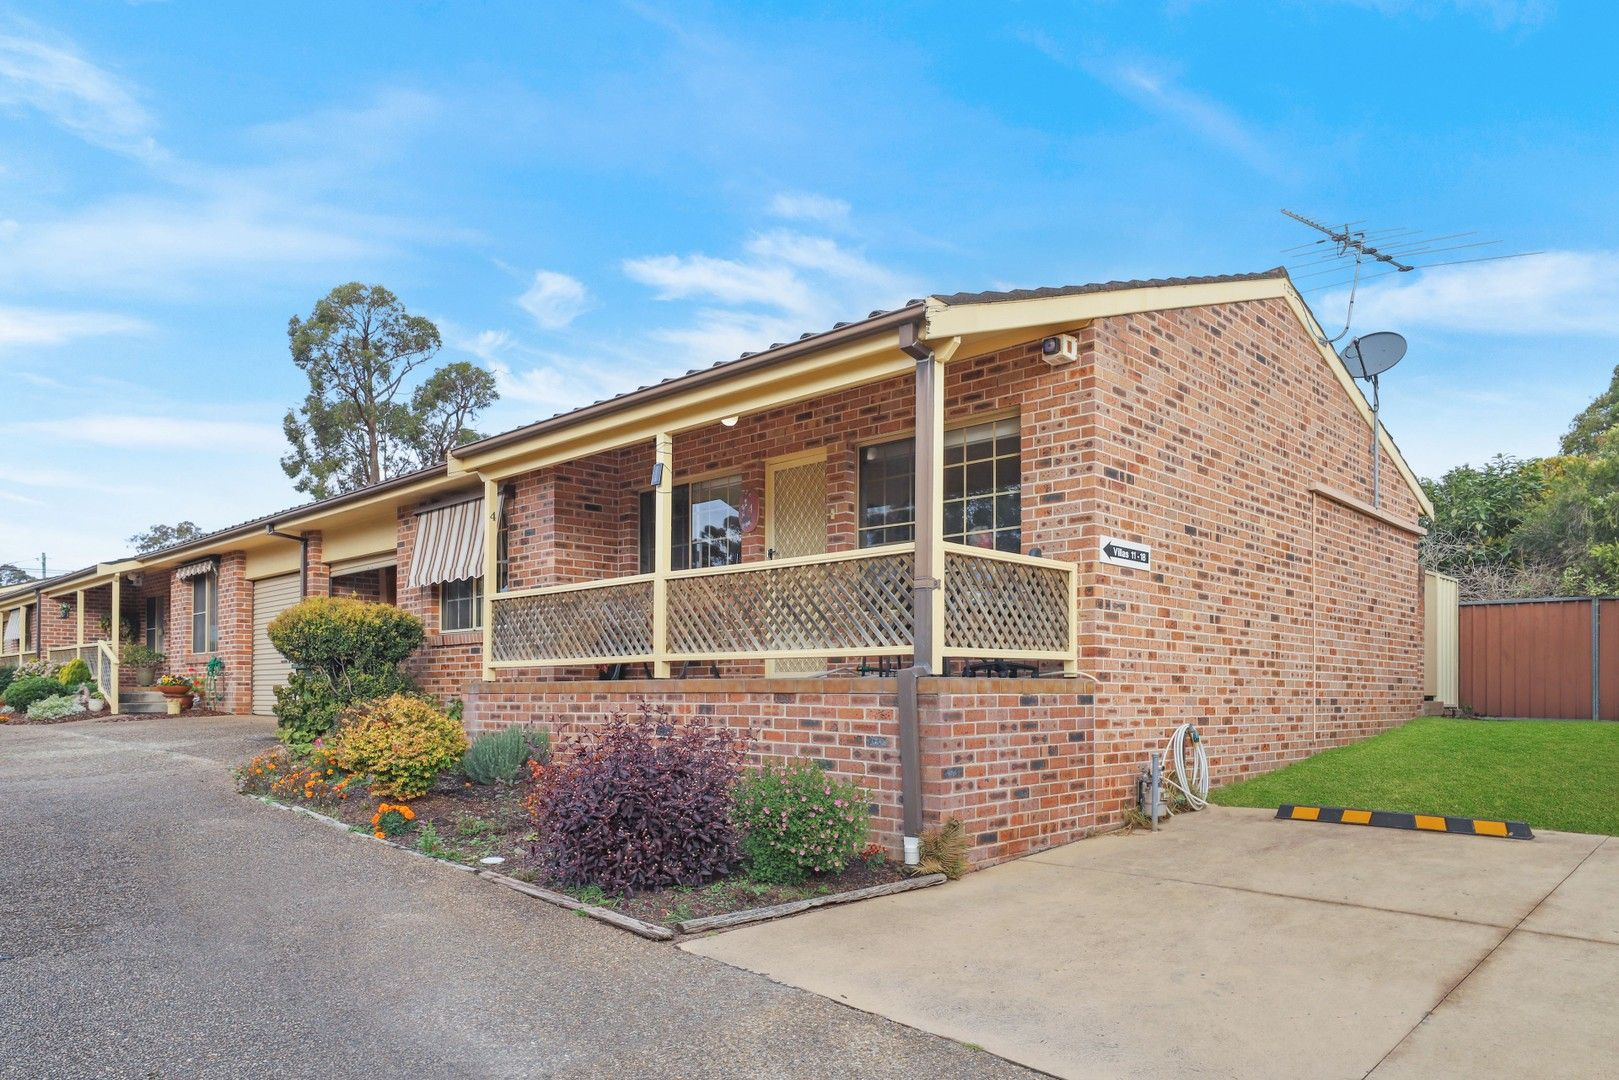 4/16 Oakwood Street, Sutherland NSW 2232, Image 0